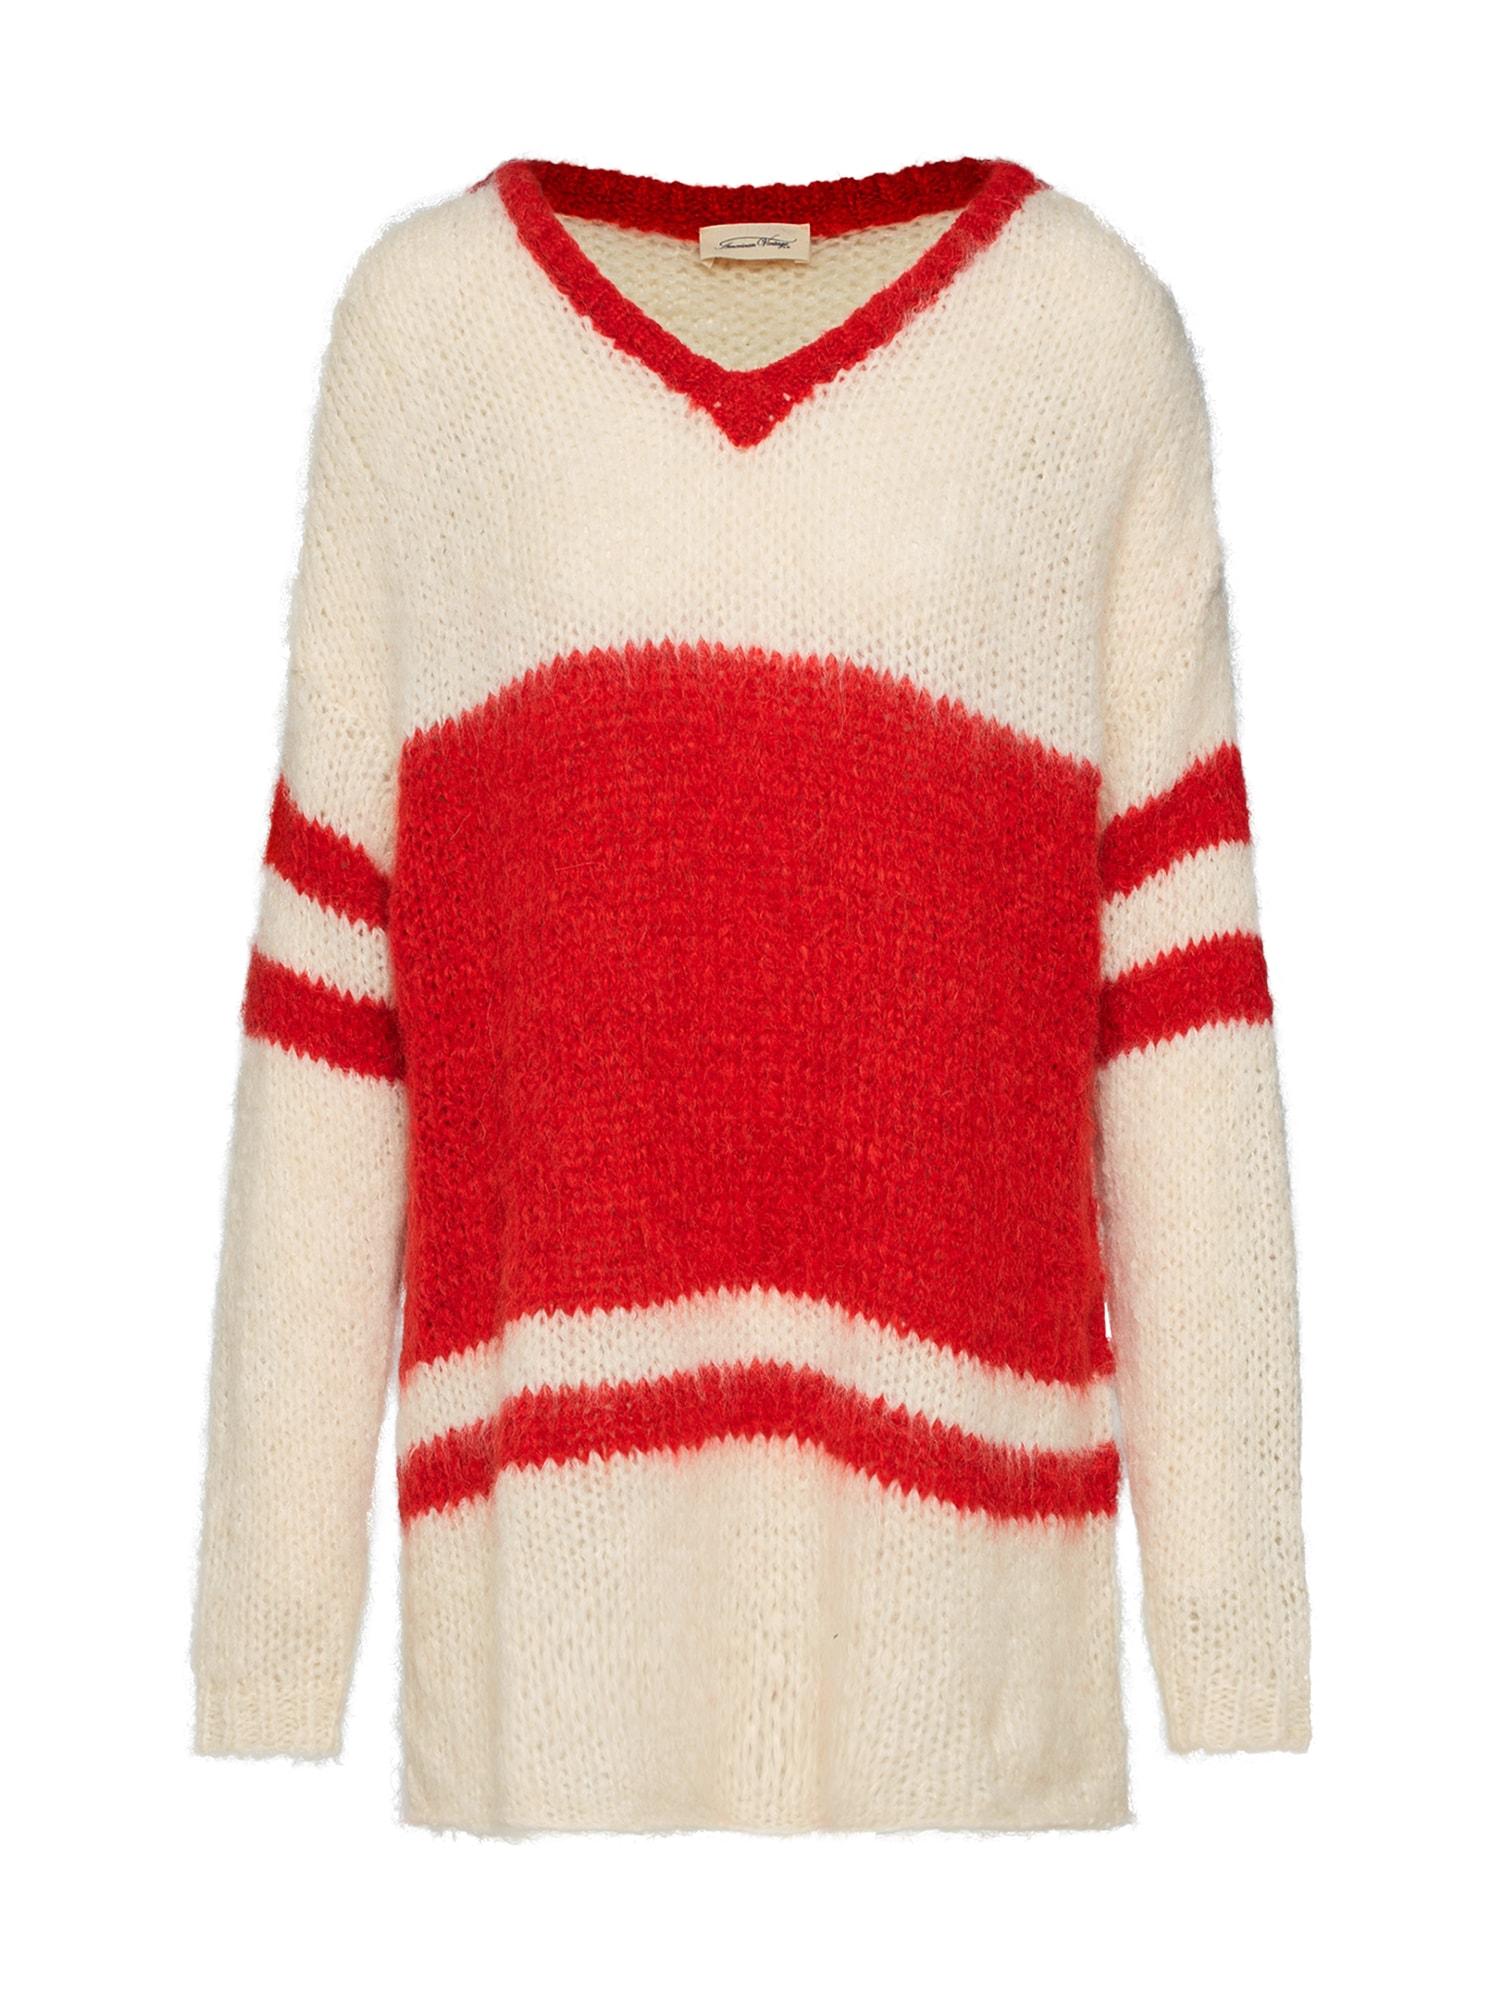 Maxi svetr MANINA červená bílá AMERICAN VINTAGE